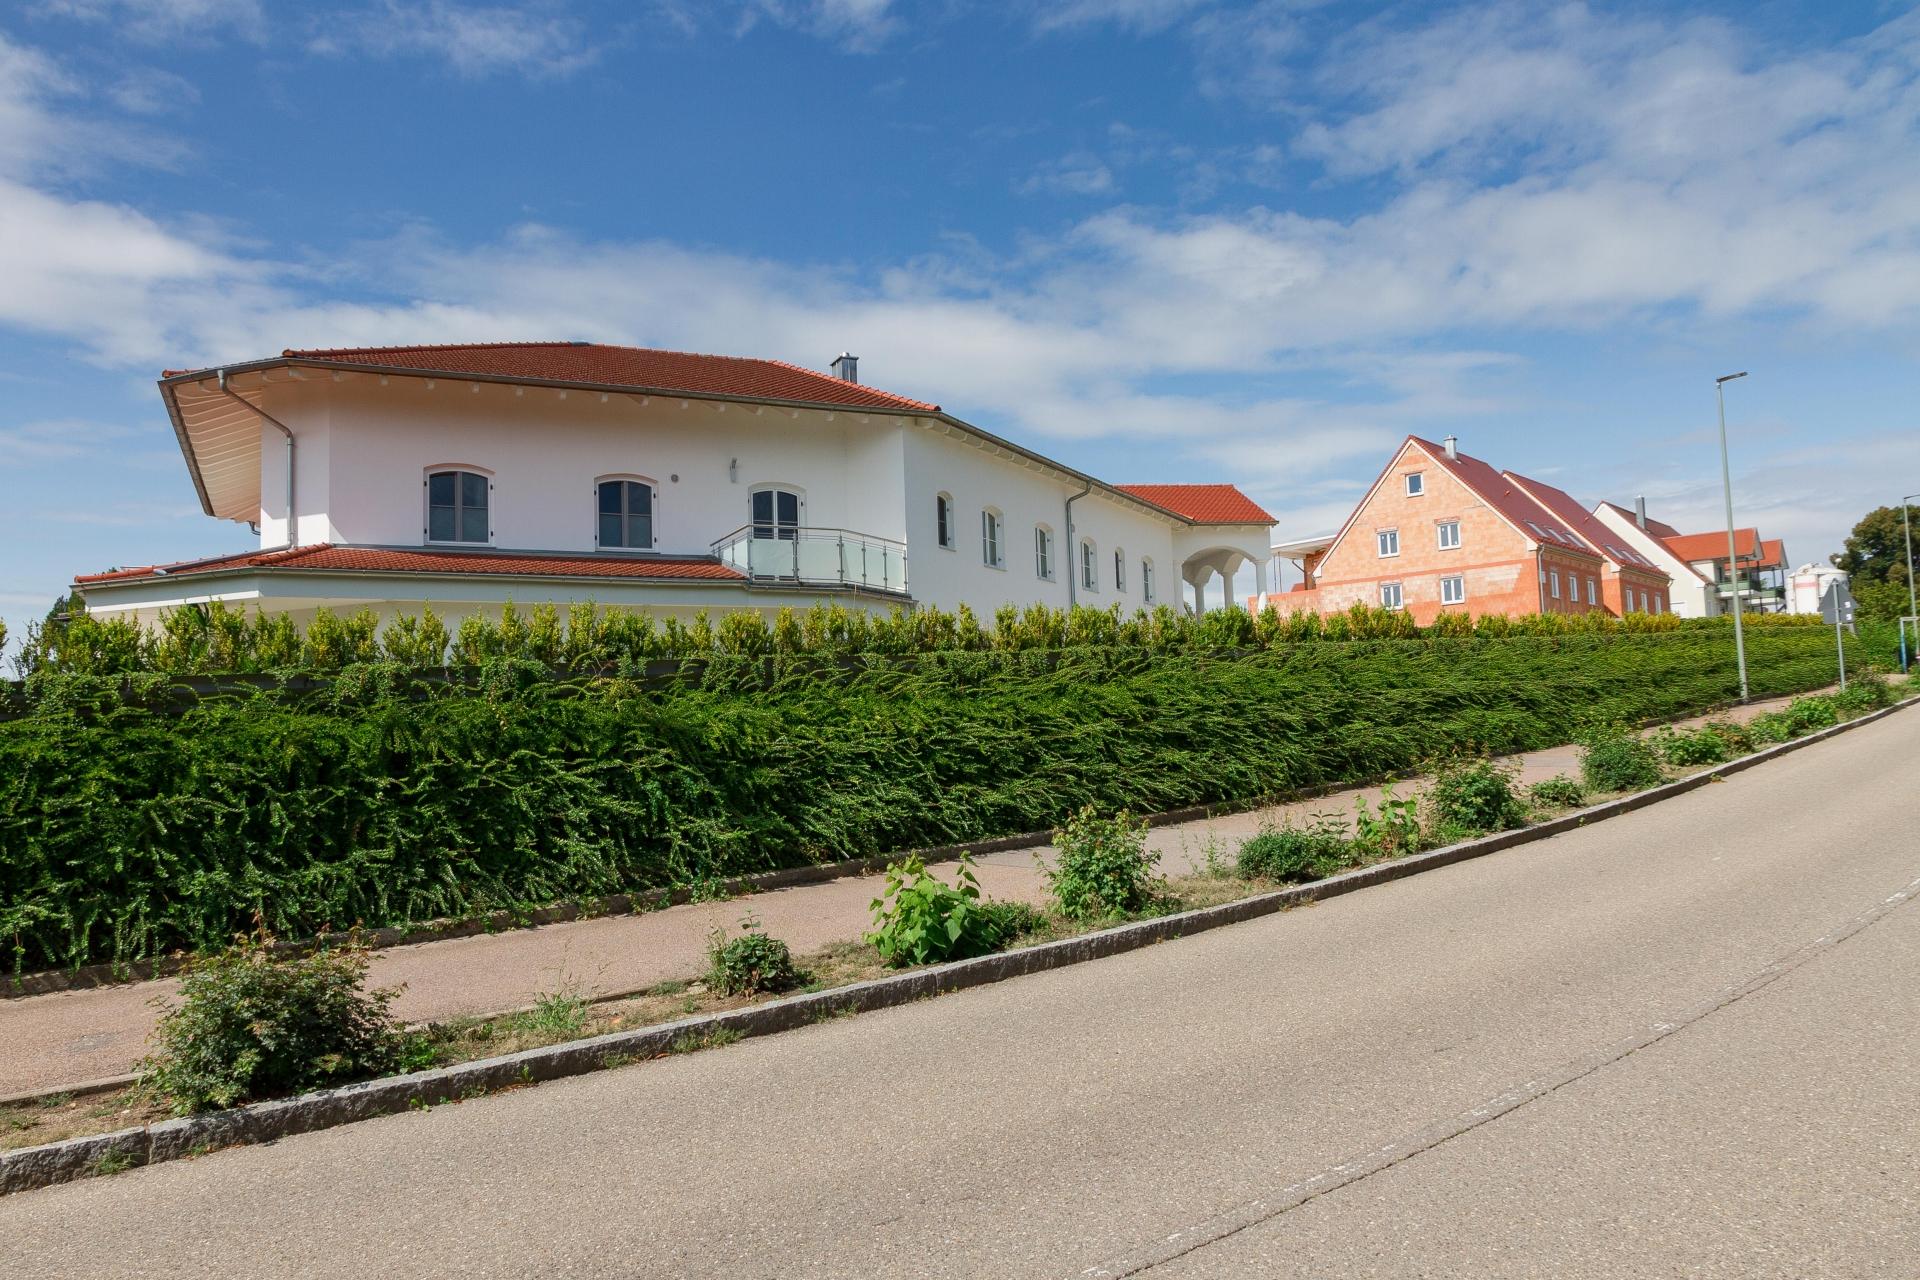 Eine voll begrünte Lärmschutzwand im Landkreis Donau-Ries schützt den Garten vor Straßenlärm